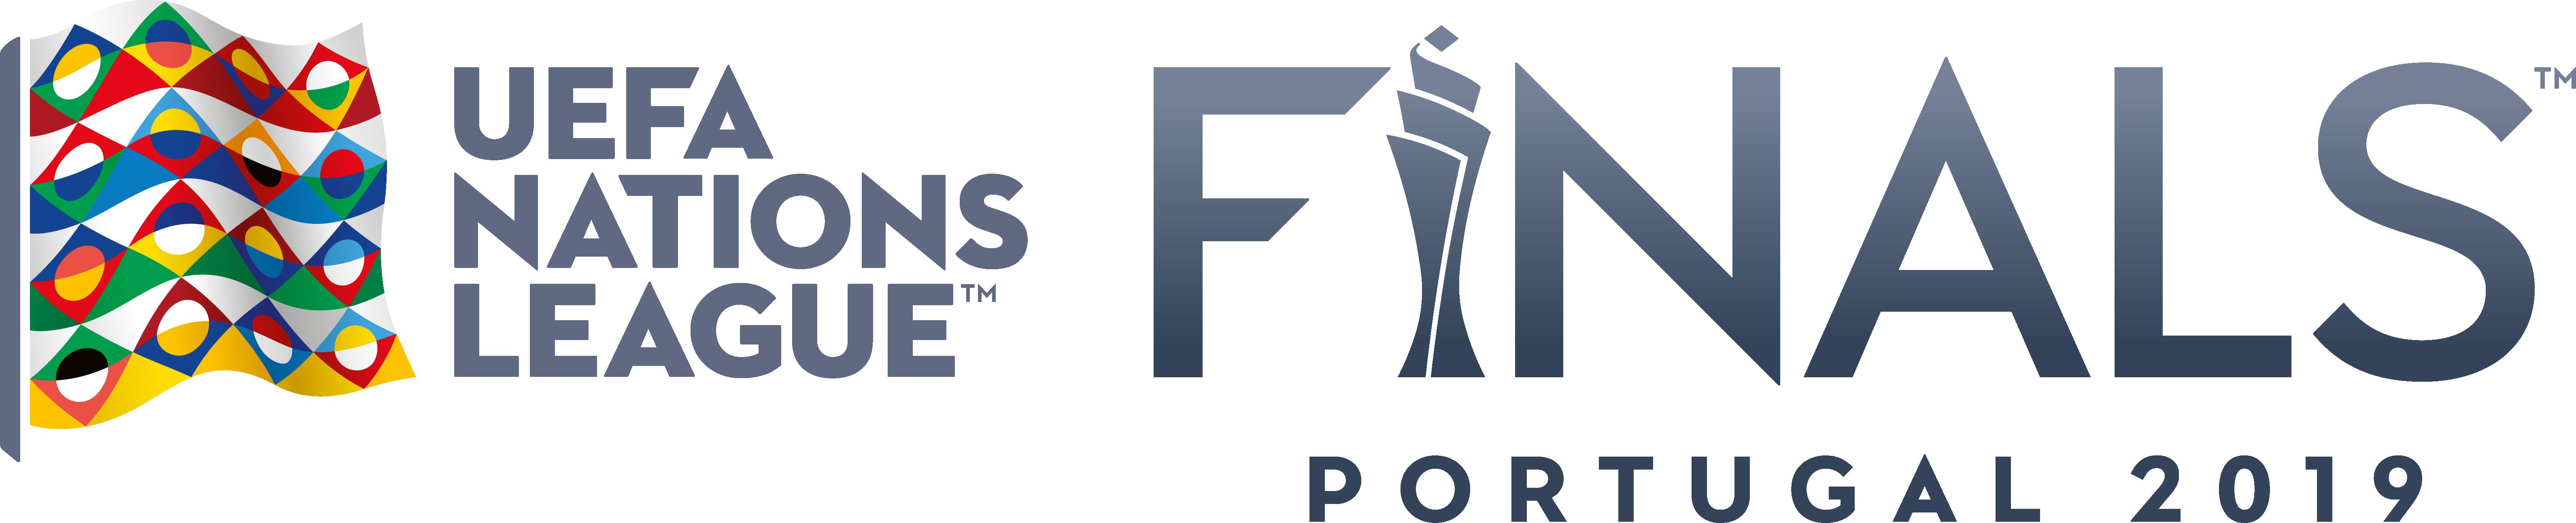 UEFA Banner Image